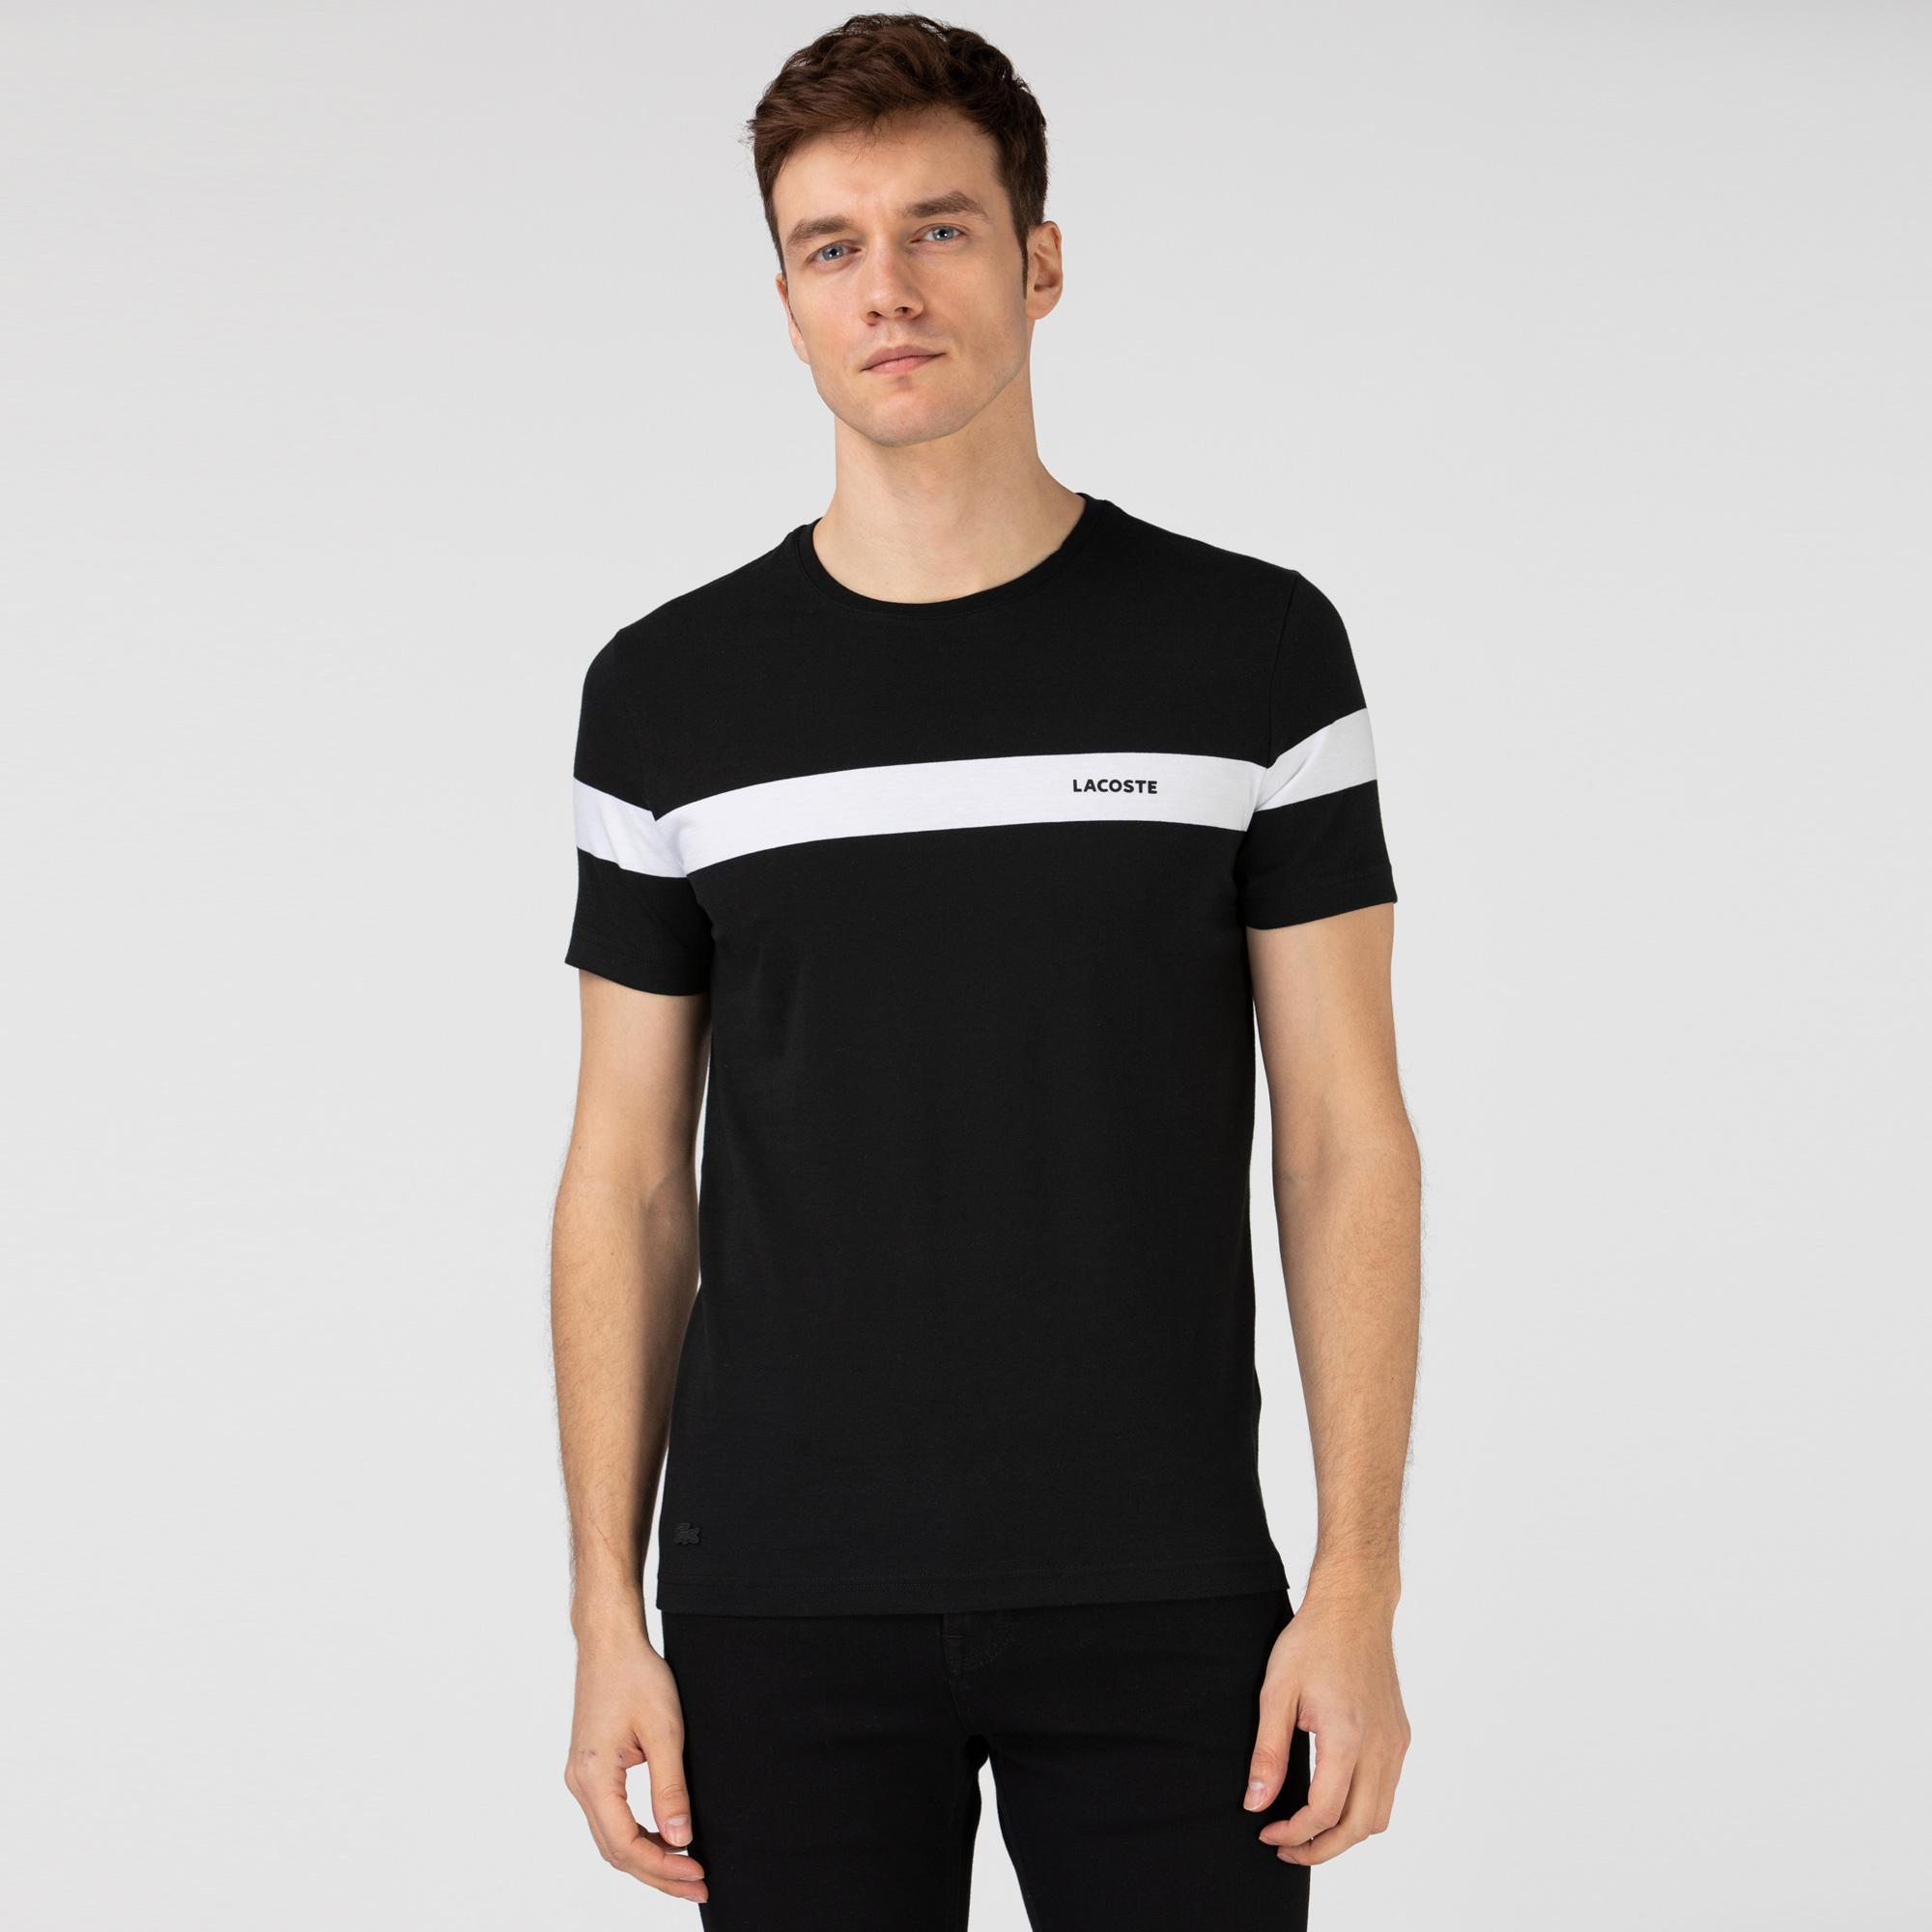 Lacoste Erkek Bisiklet Yaka Çizgili Siyah T-Shirt